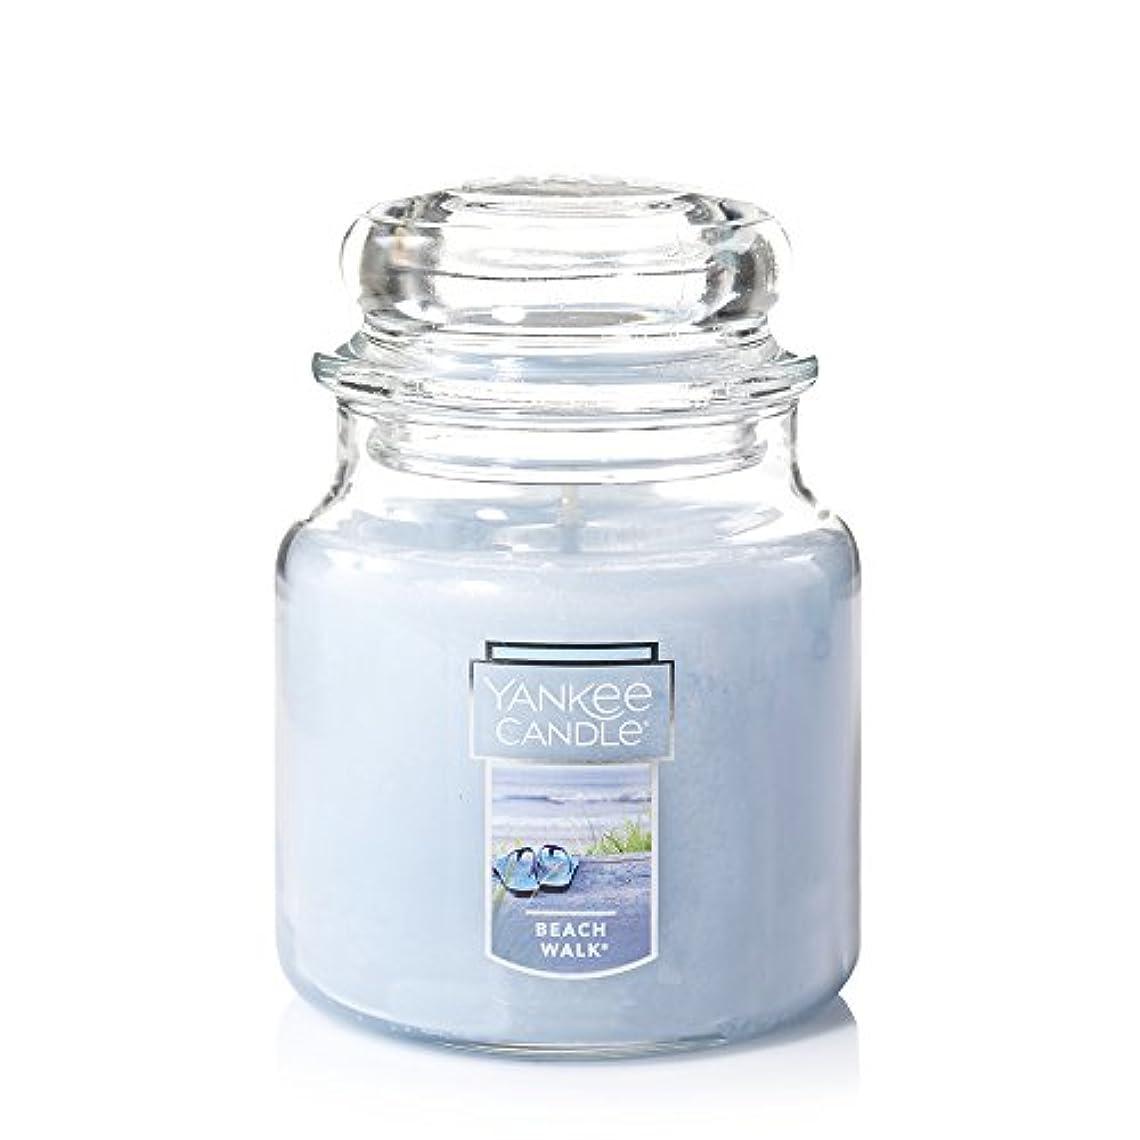 分数群衆レンダリングYankee Candle Beach Walk Large Jar 22oz Candle Small Jar Candles ブルー 1129793